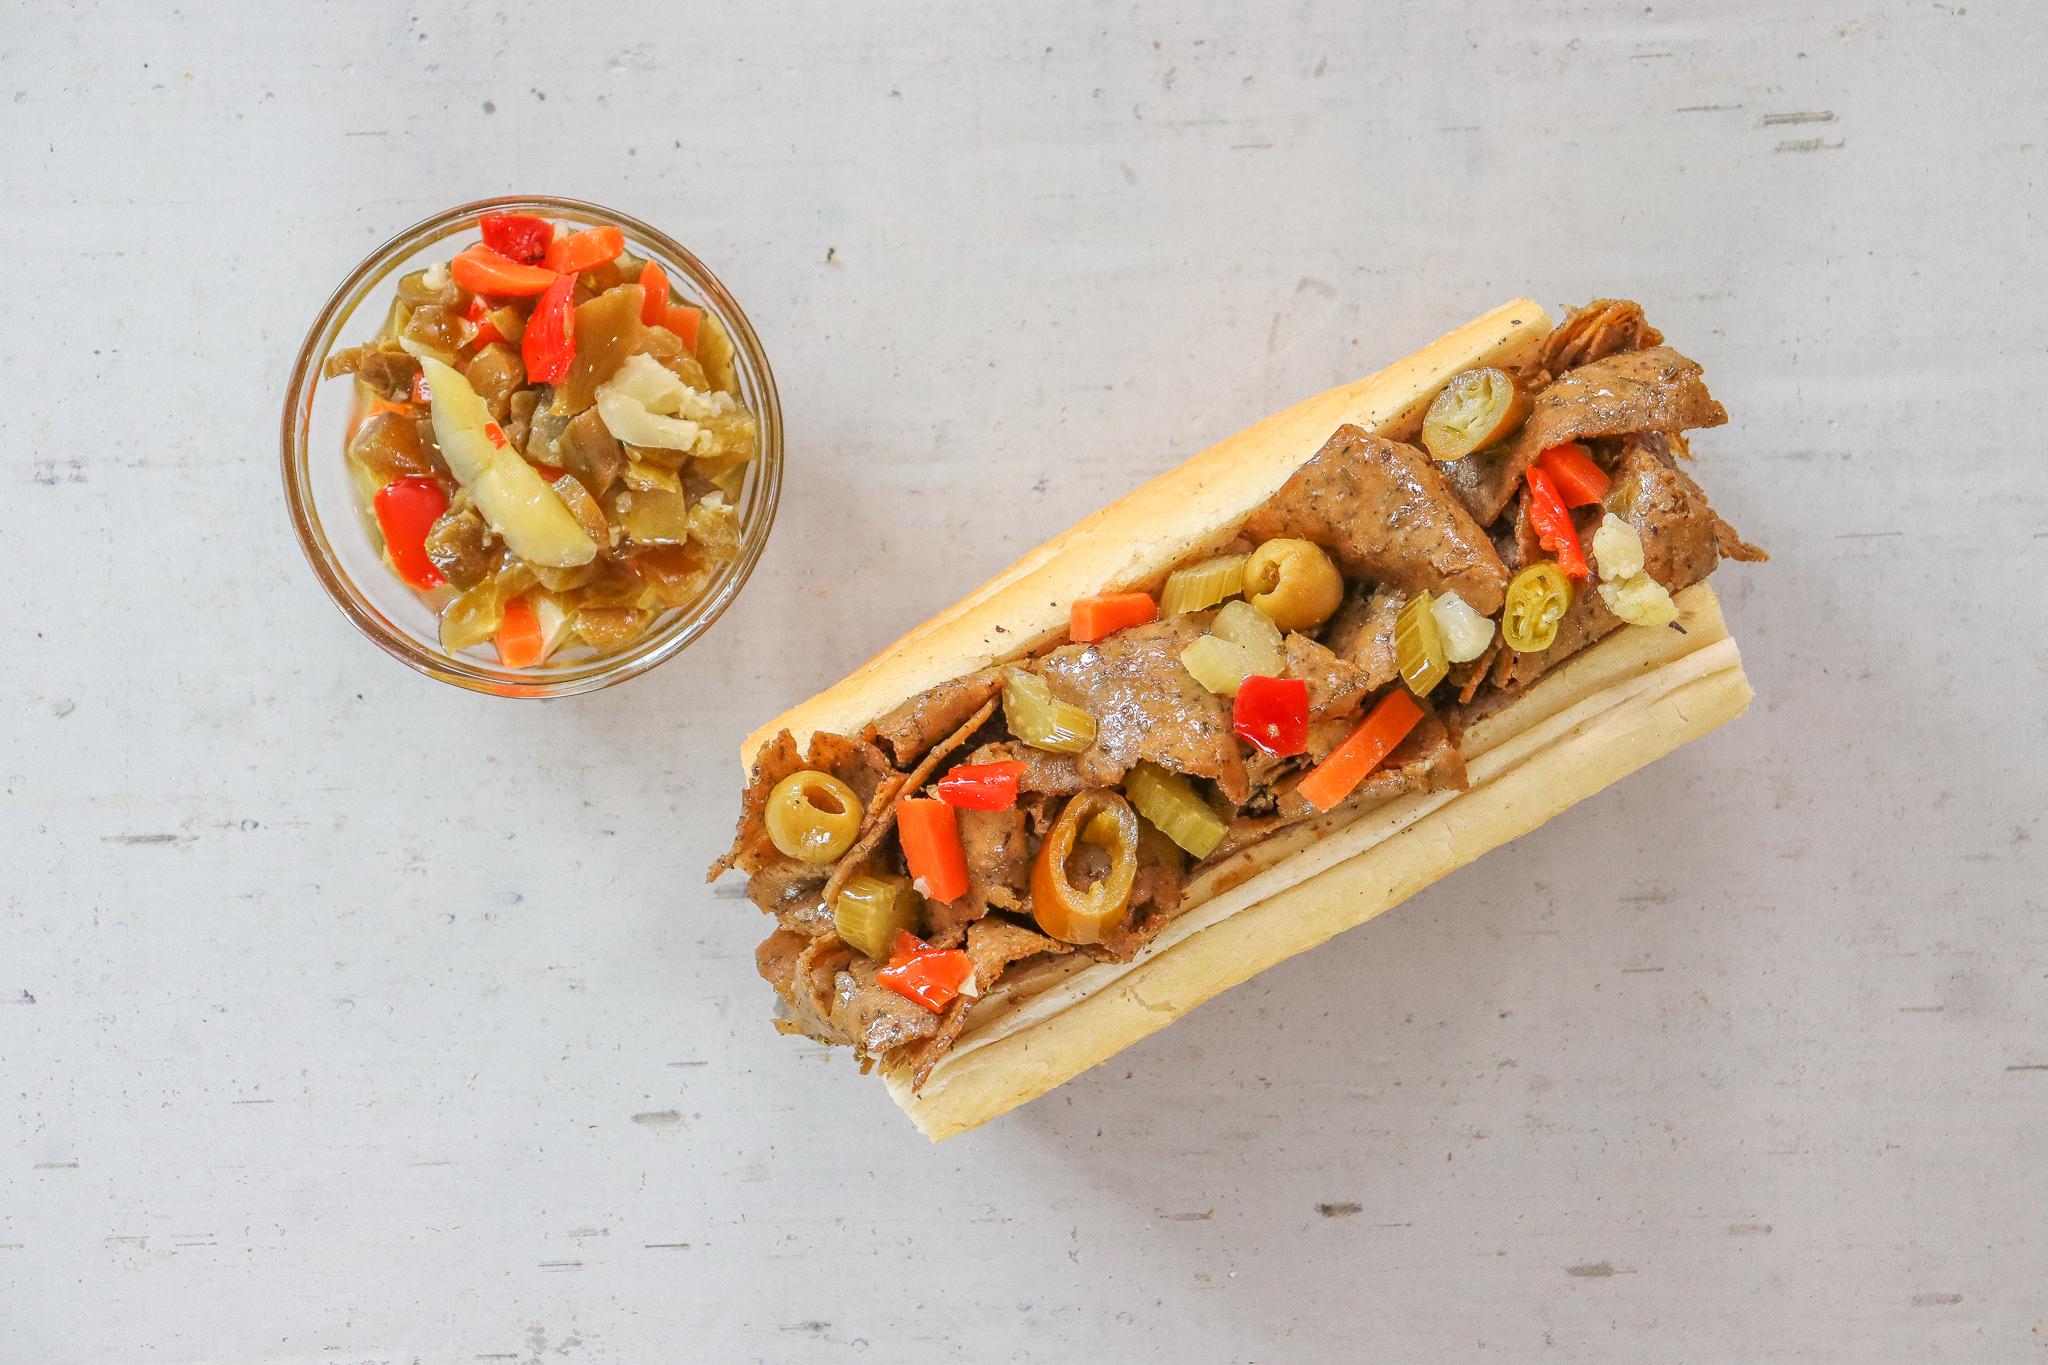 A vegan Italian beef sandwich